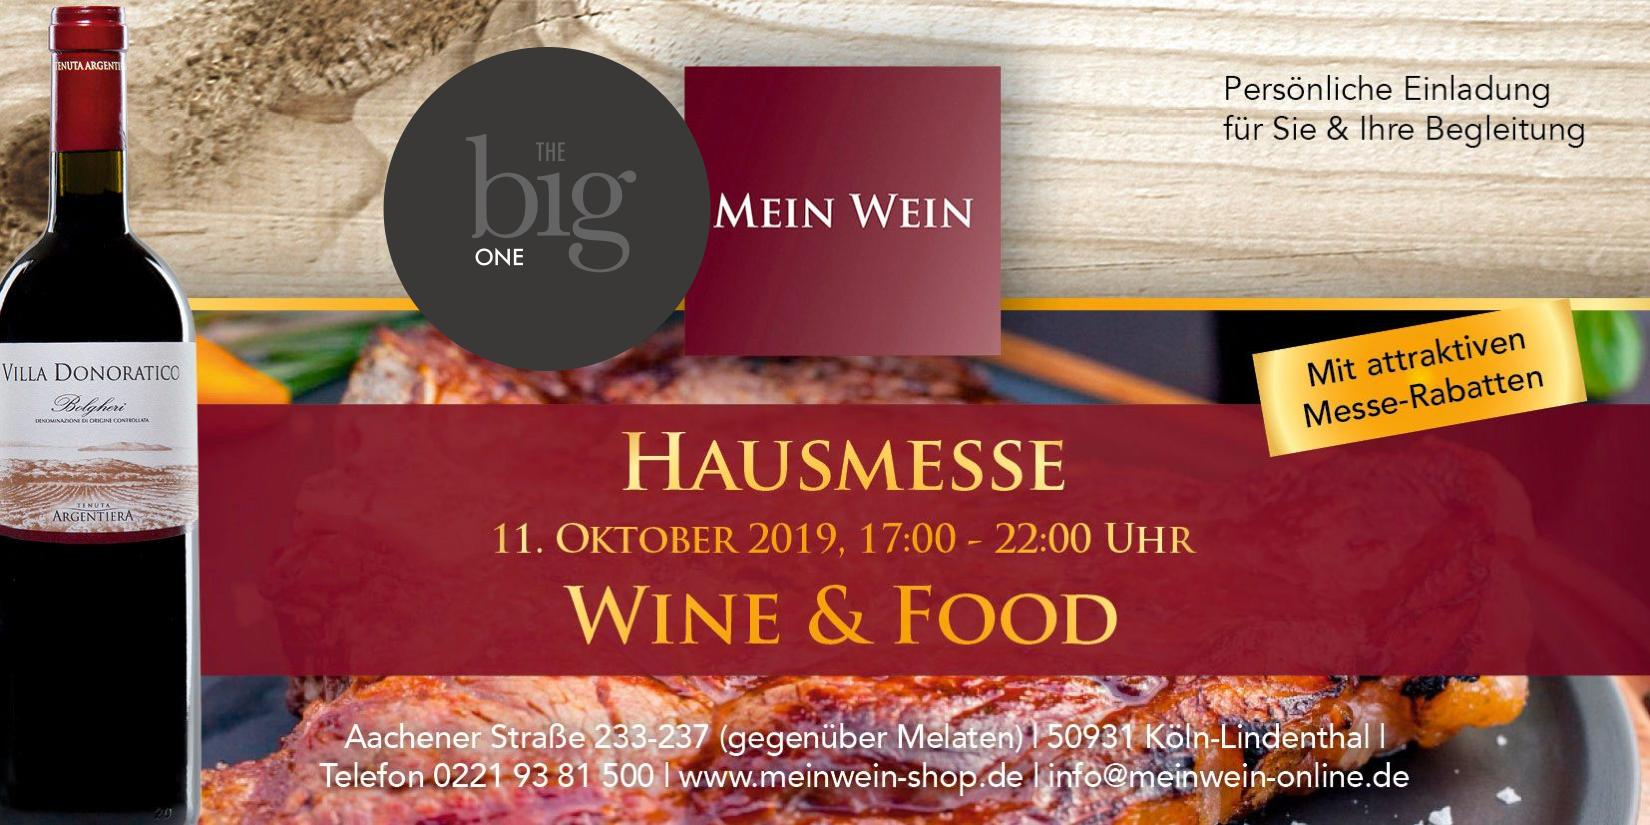 THE big ONE auf der MEIN WEIN HERBST-MESSE – WINE & FOOD